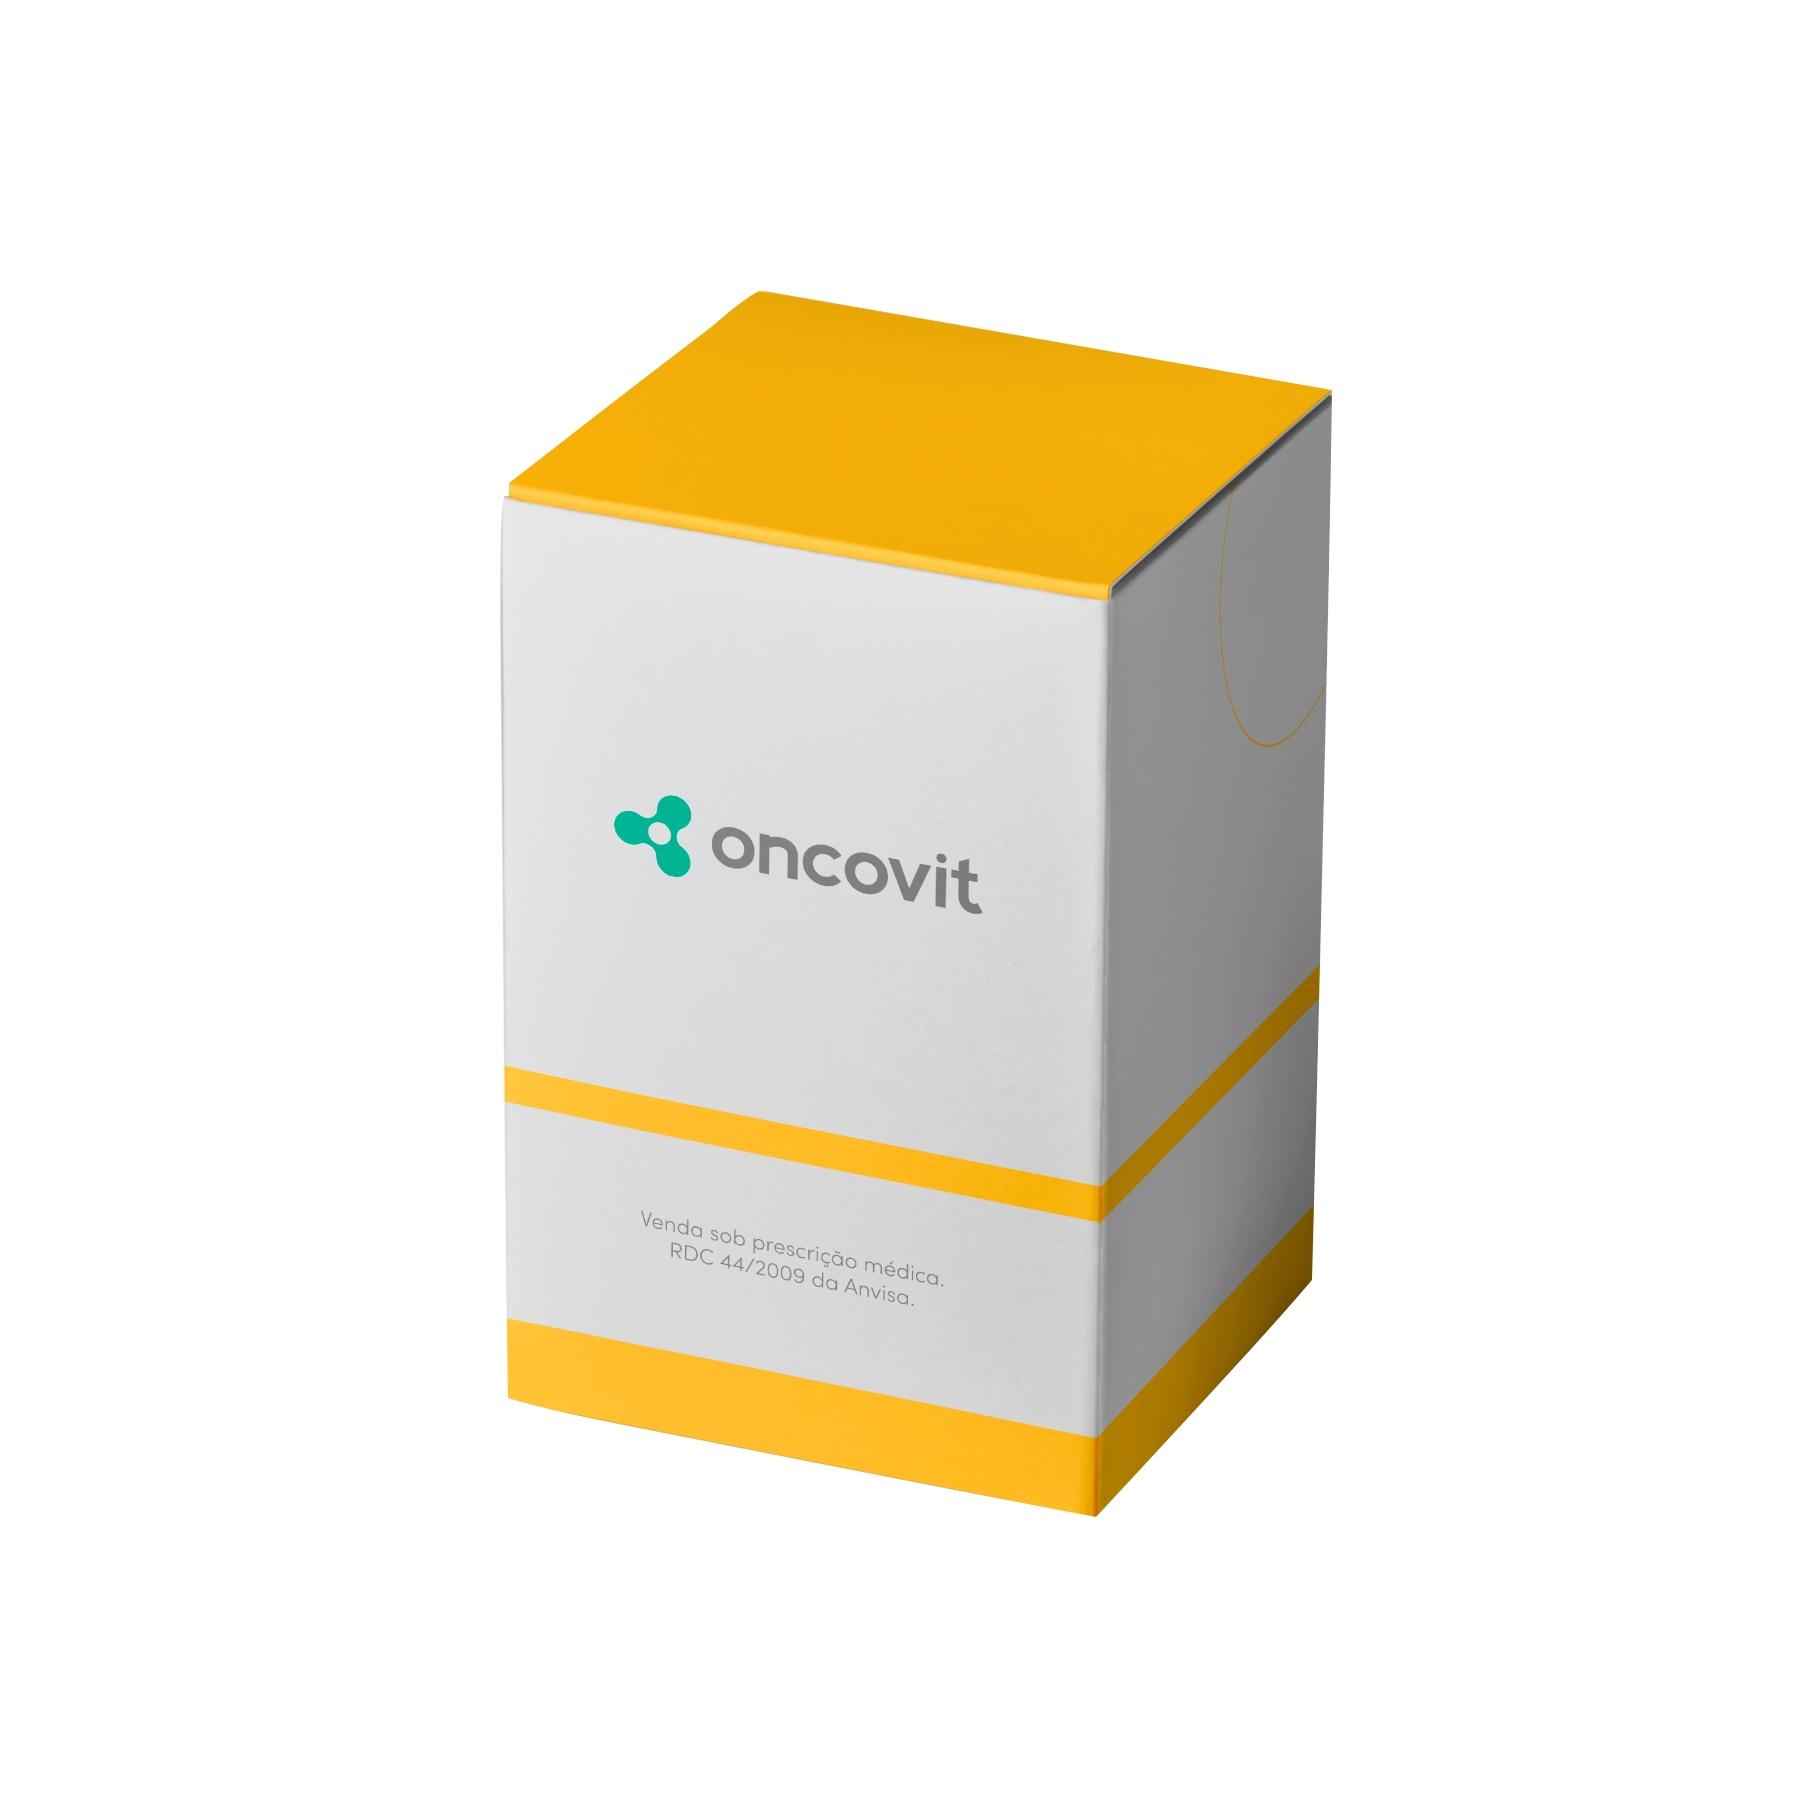 Veac 200mg caixa com 14 comprimidos revestidos